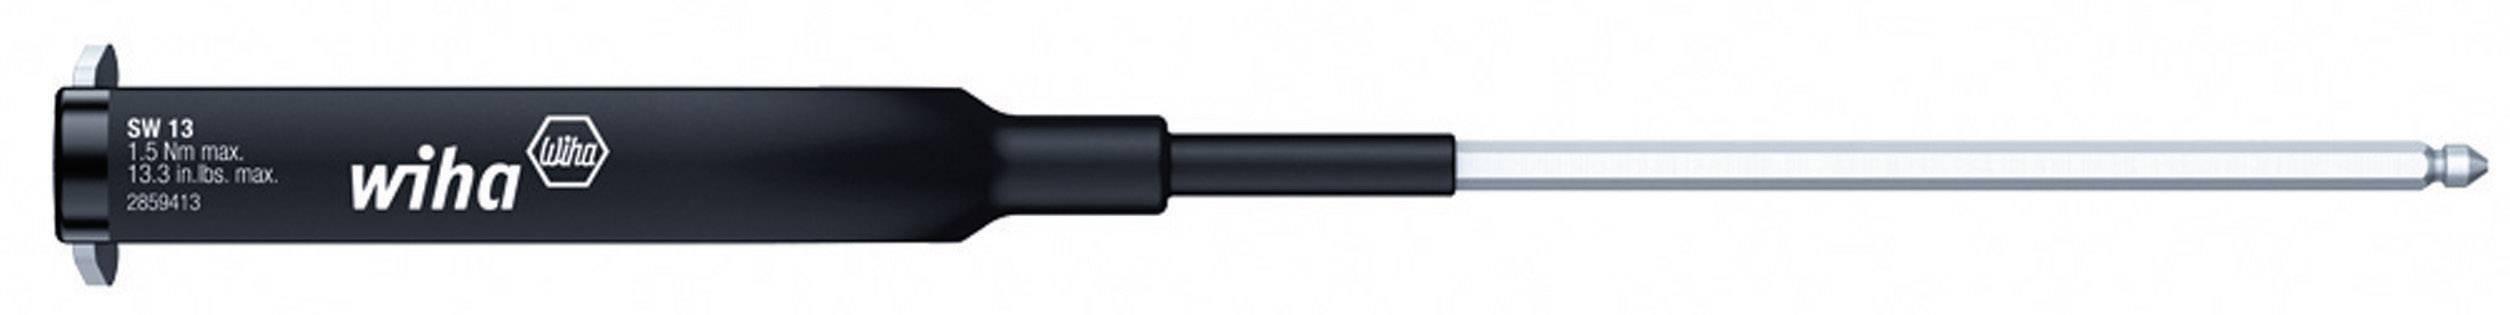 Bit momentového klíče pro kabelové konektory Wiha SW 24